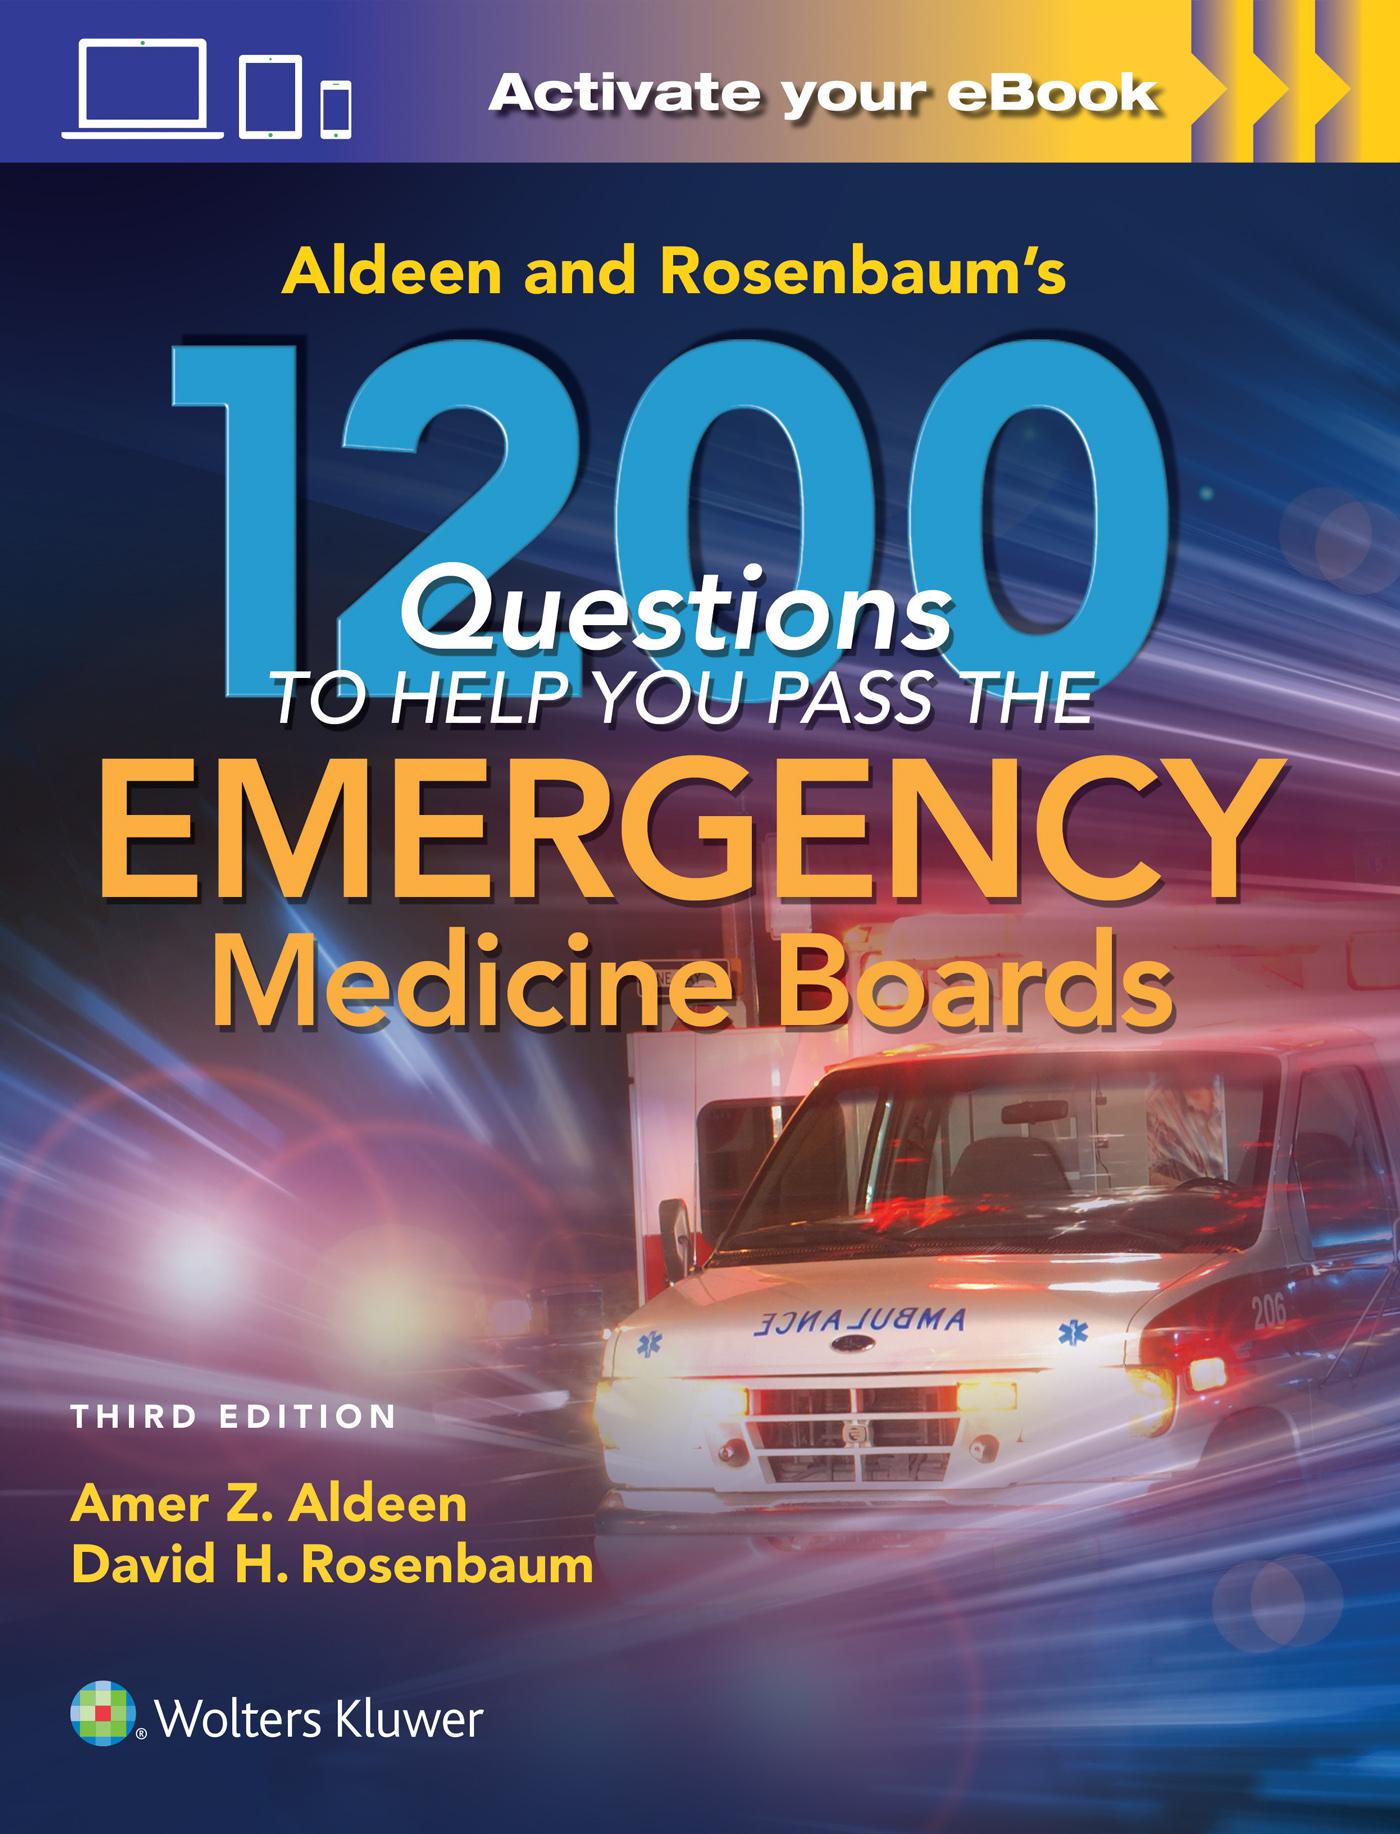 Aldeen and rosenbaums 1200 questions to help aldeen and rosenbaums 1200 questions to help fandeluxe Choice Image